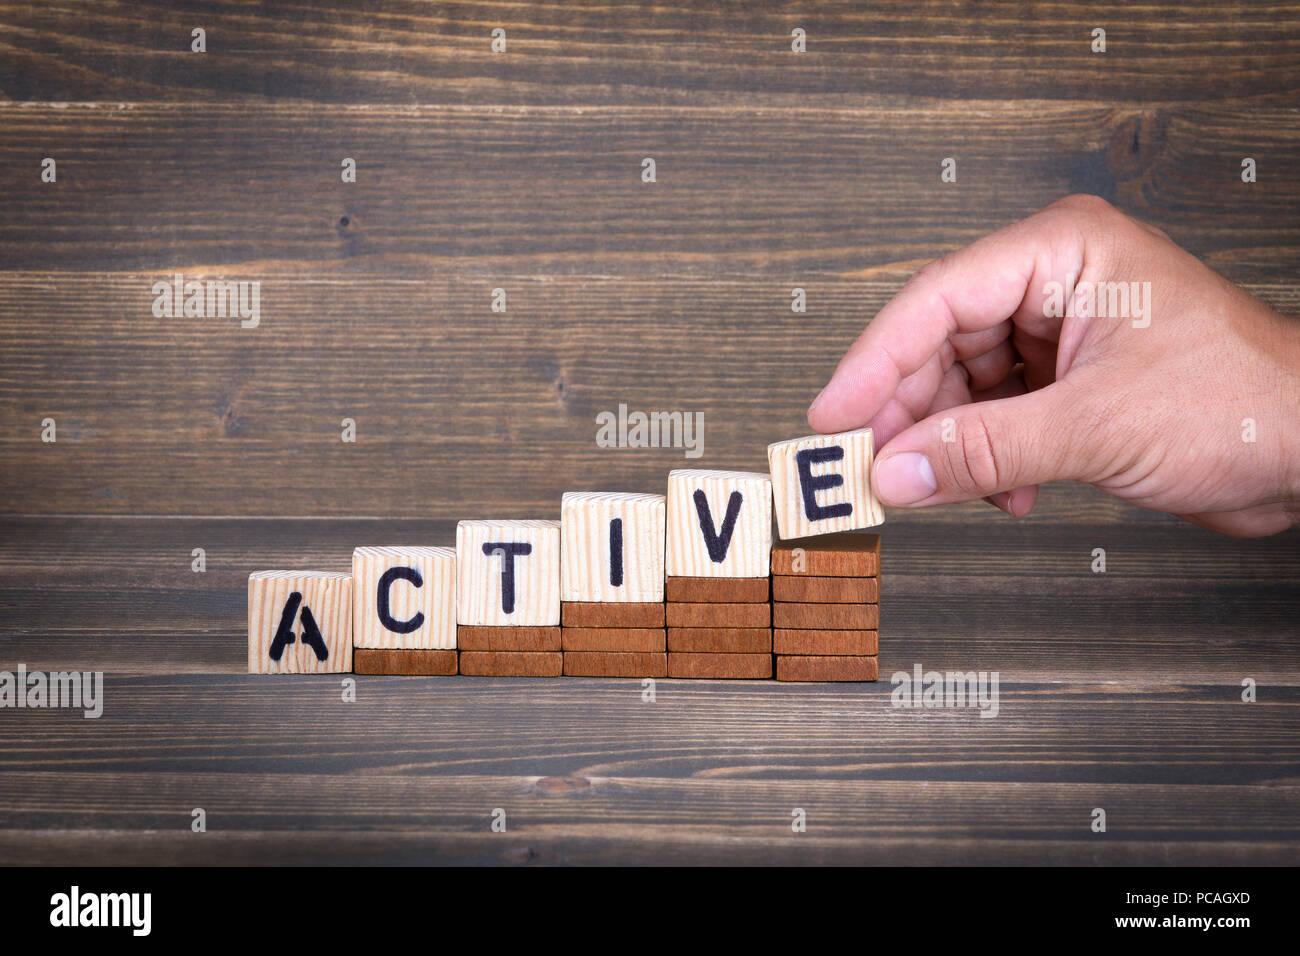 Attivo in legno per le lettere sulla scrivania in ufficio Immagini Stock